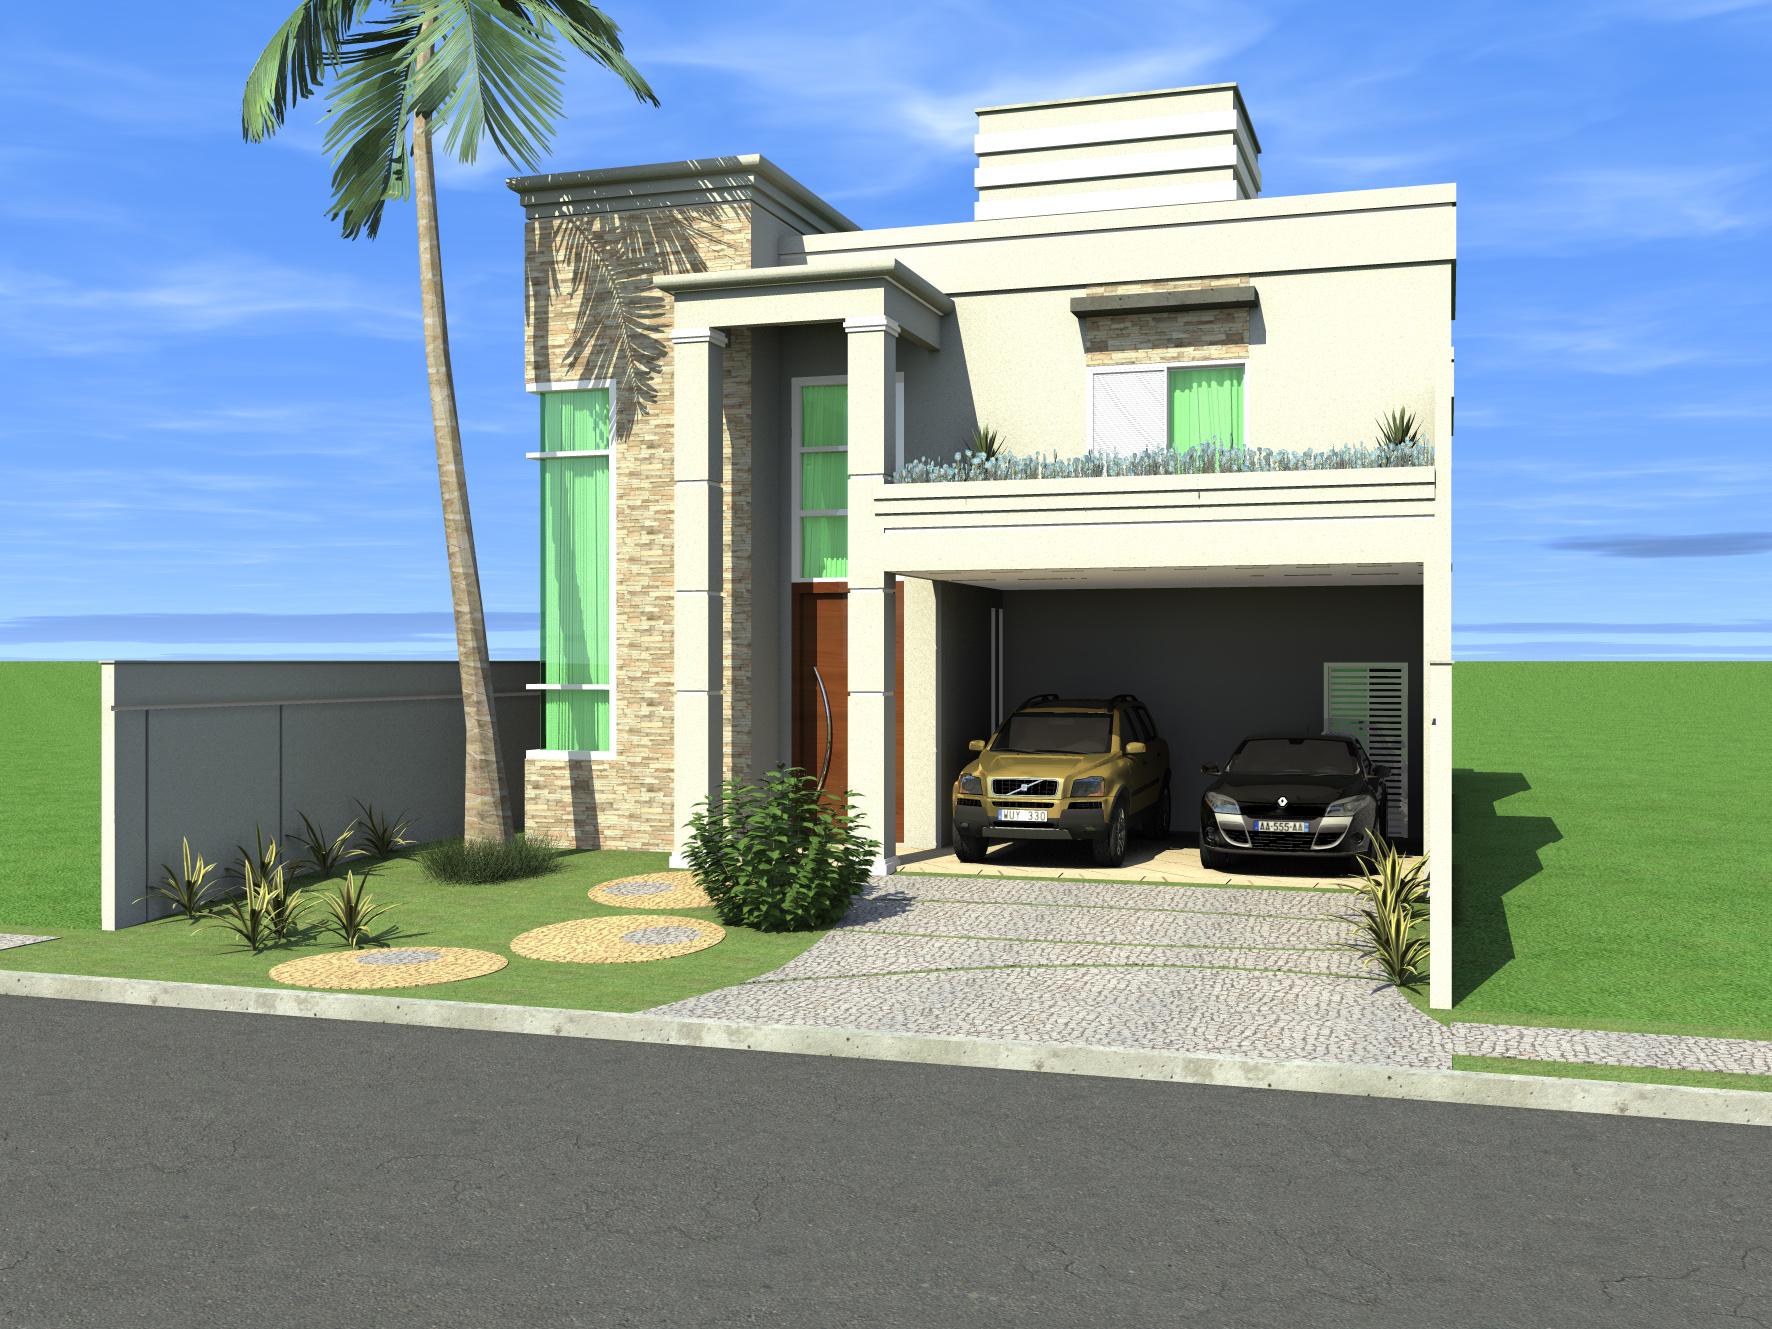 deseja fazer um projeto de uma casa Classica consulte nossa lista de #0555C6 1772 1329